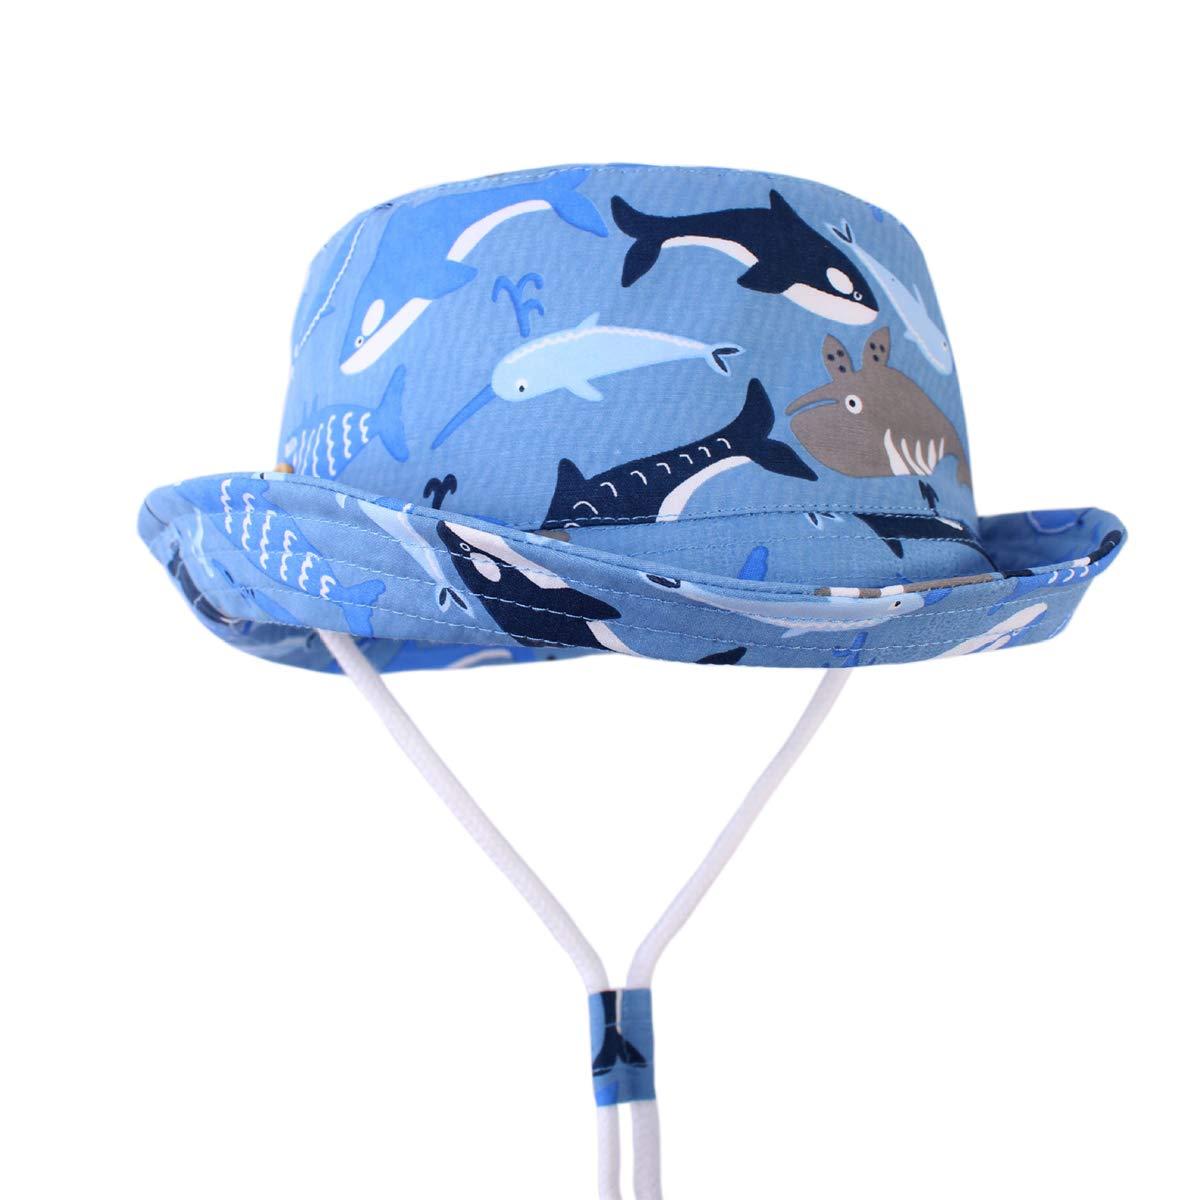 ELIKIDSTO HAT ベビーボーイズ US サイズ: 18.9 inch(48cm):0-12 months カラー: ブルー   B07NVGTQS9